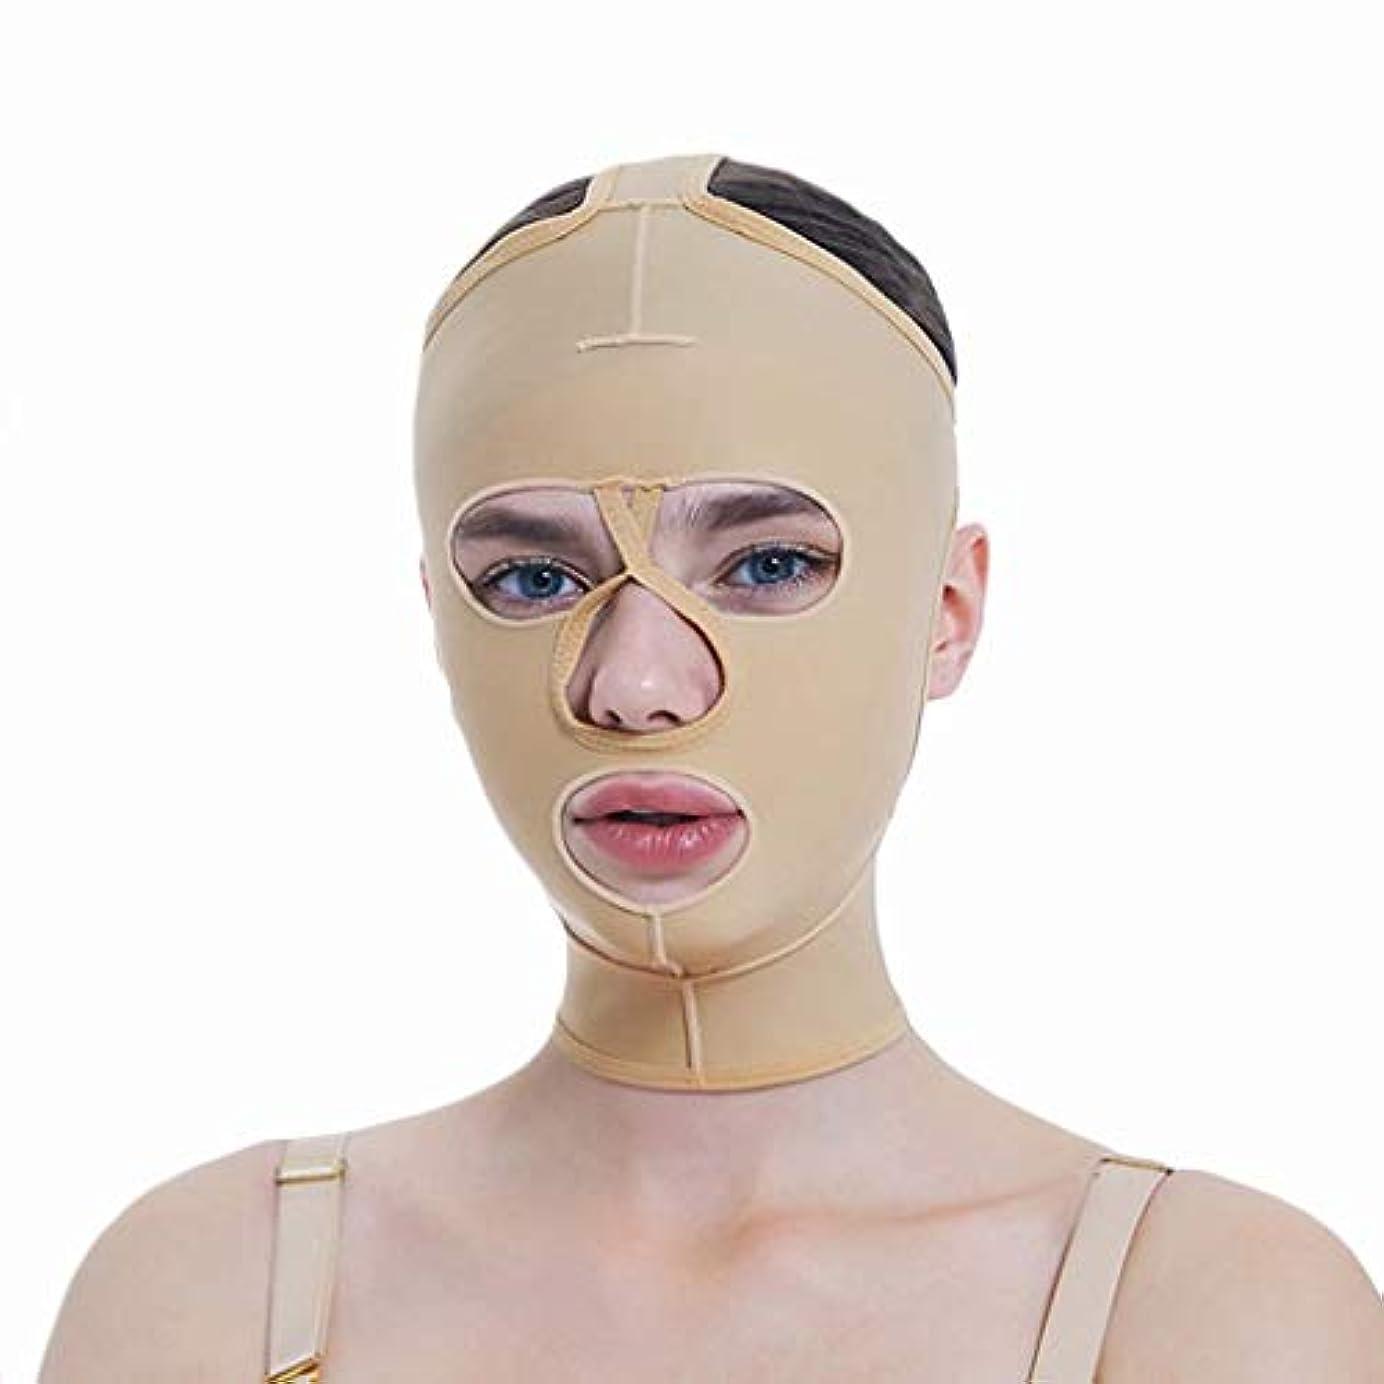 サバントシャトルアトムフェイシャル減量マスク、フルカバレッジ包帯、フルフェイスリフティングマスク、フェイスマスク、快適で リフティングシェーピング(サイズ:S),XXL